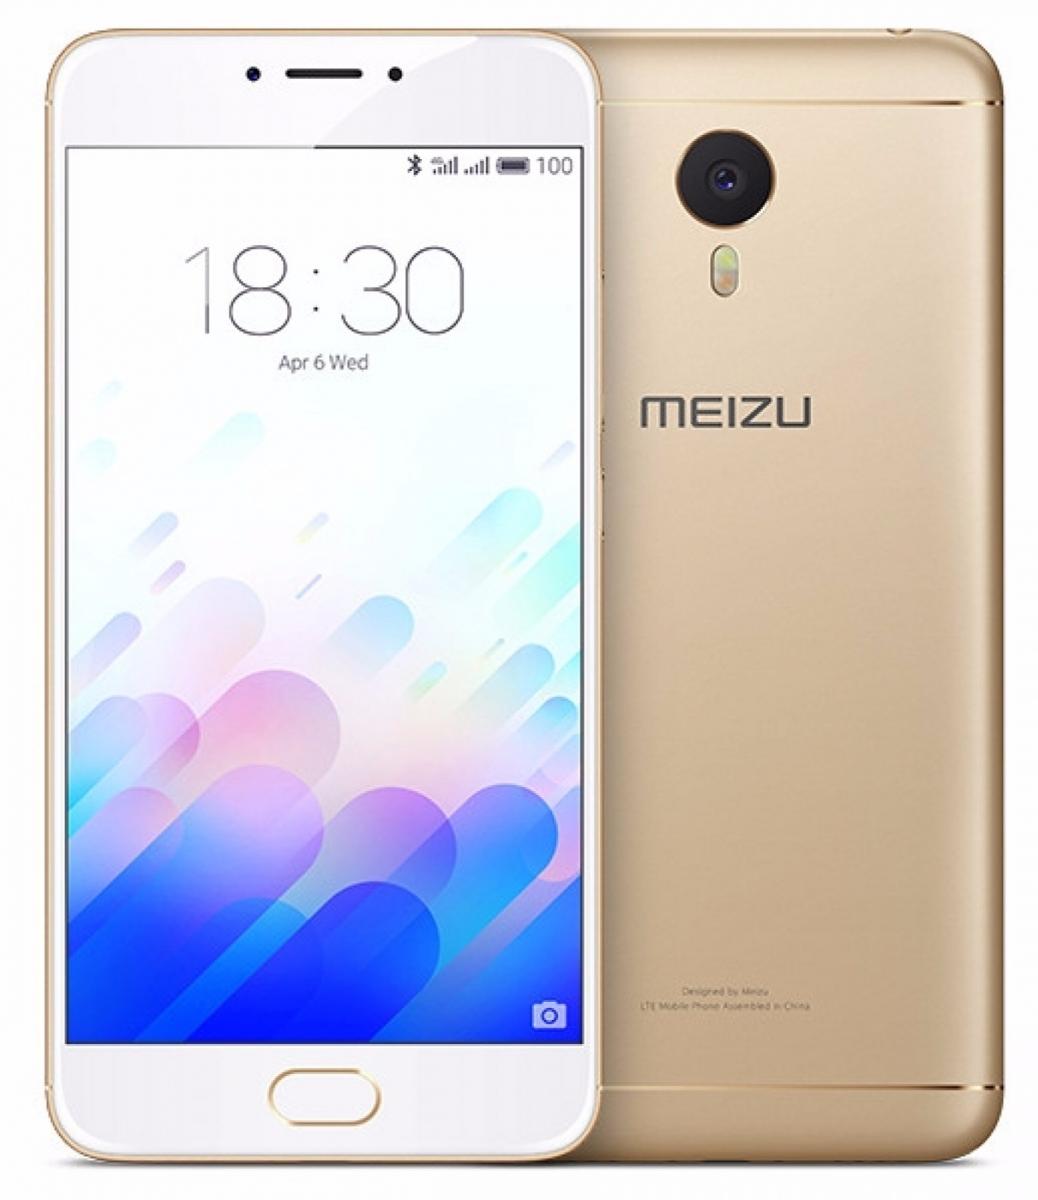 MEIZU M3 NOTE 16GB DUAL SIM LTE GOLD WHITE